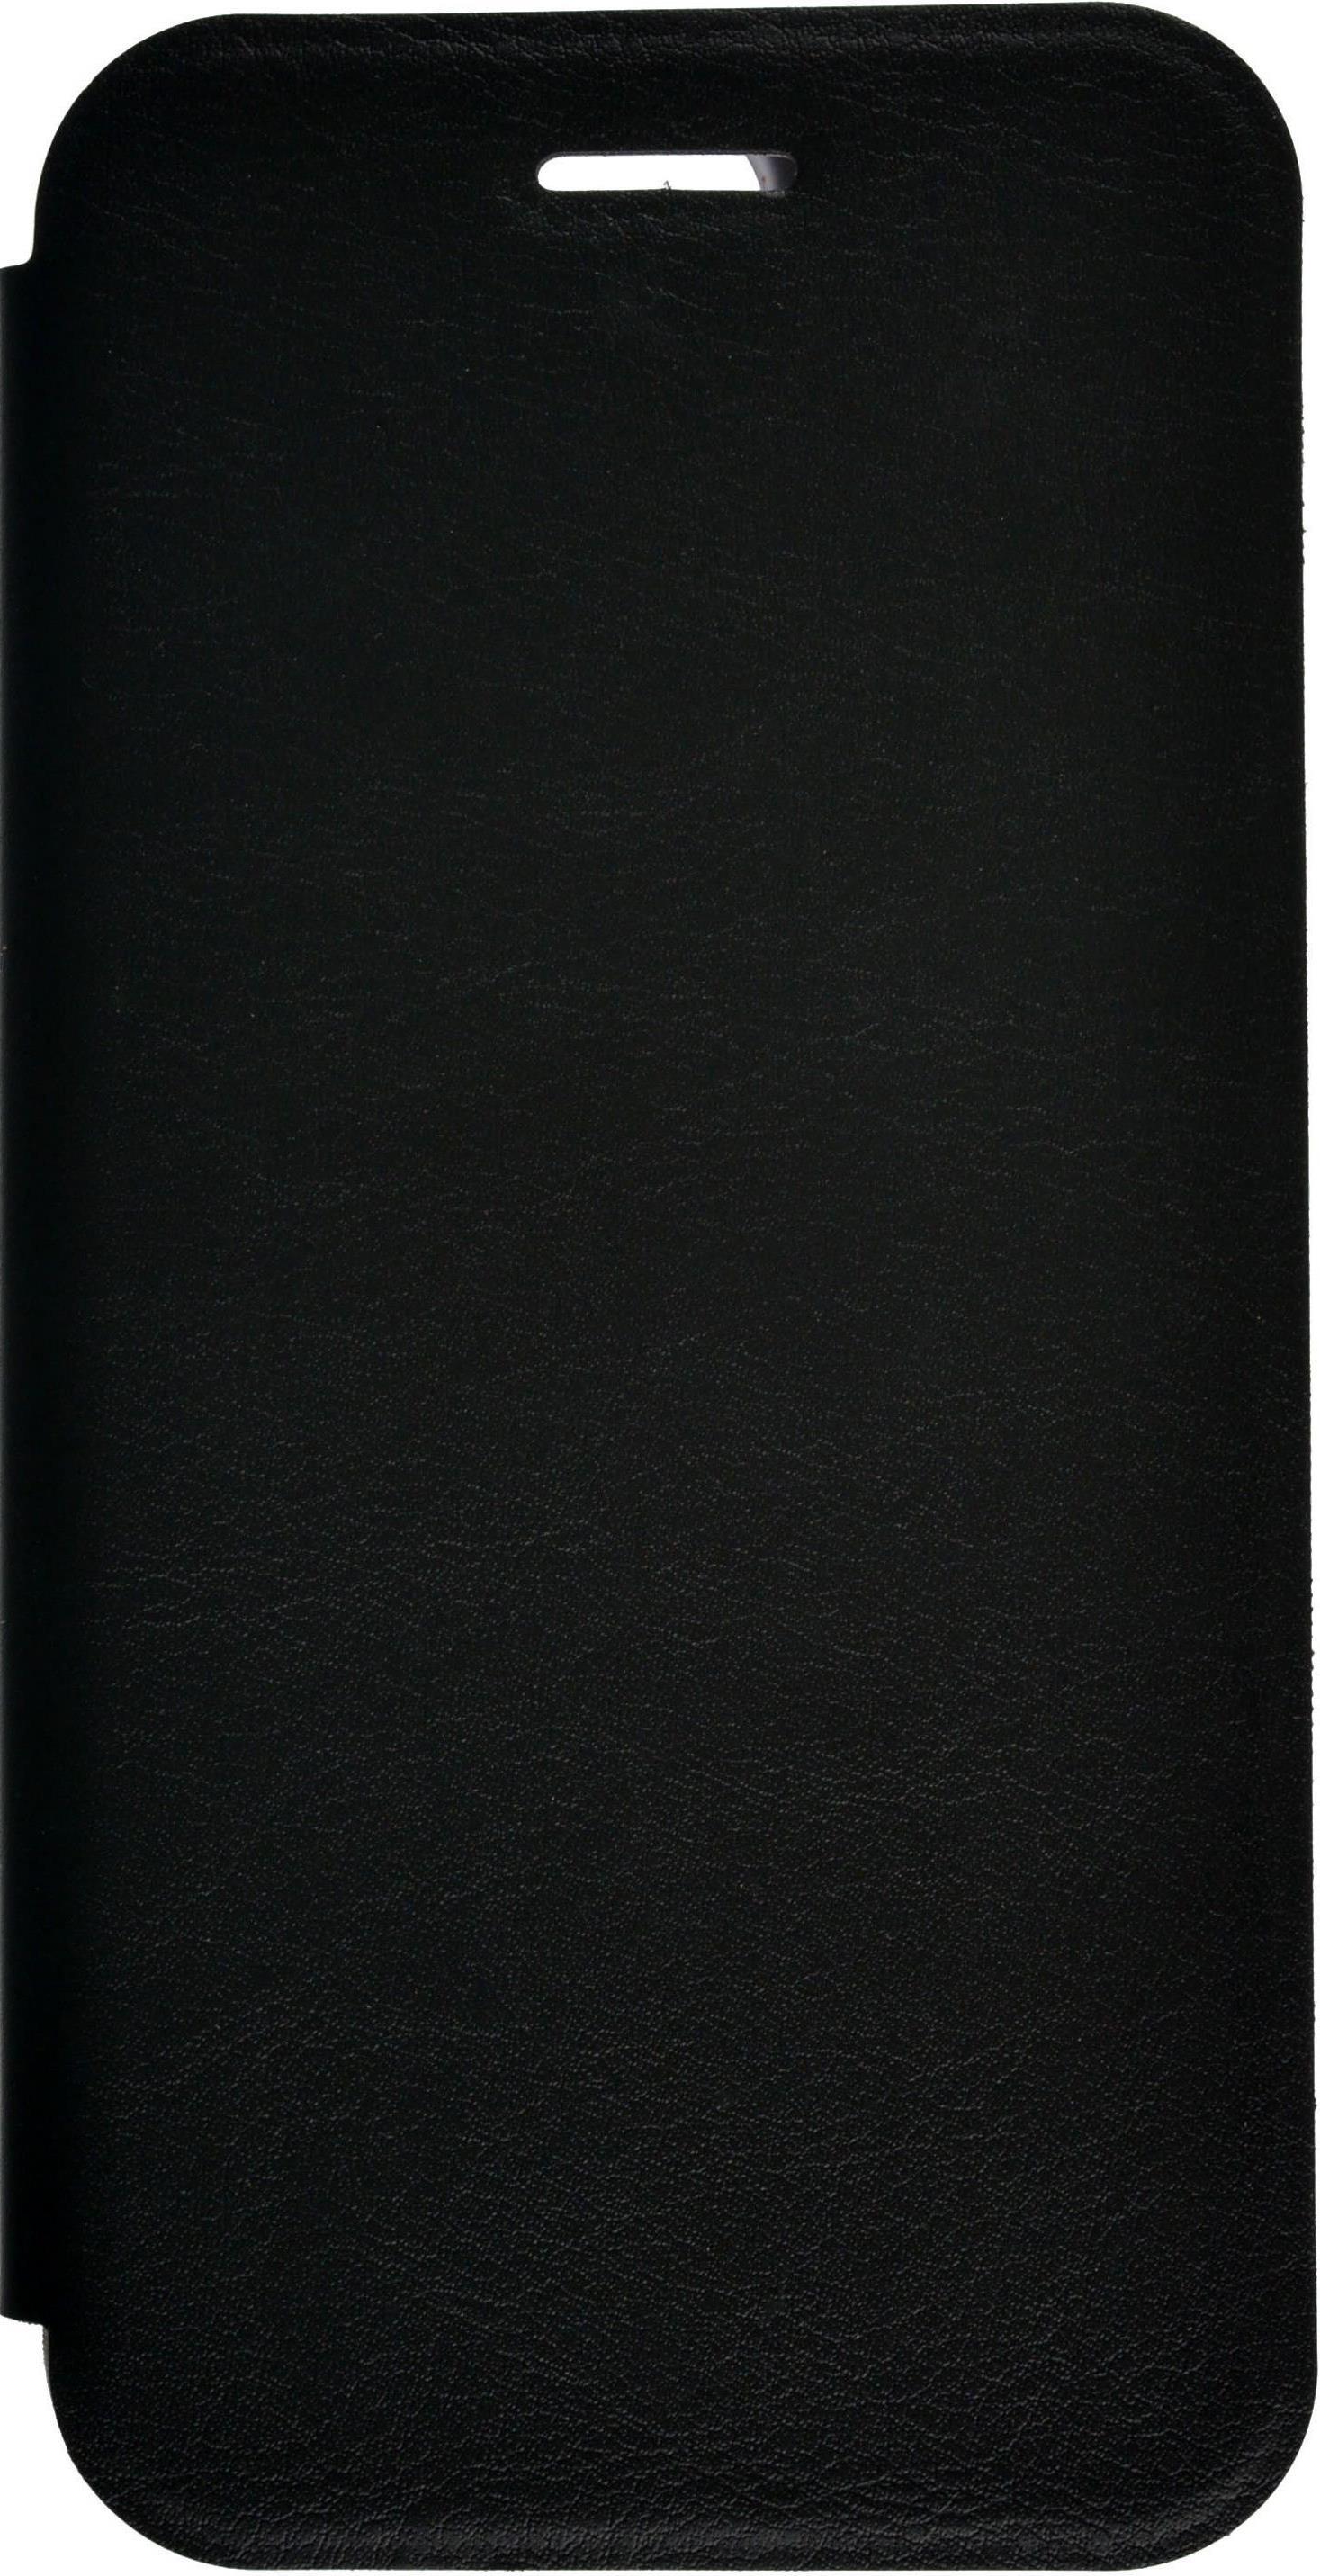 Чехол для сотового телефона skinBOX Lux, 4630042527638, черный все цены